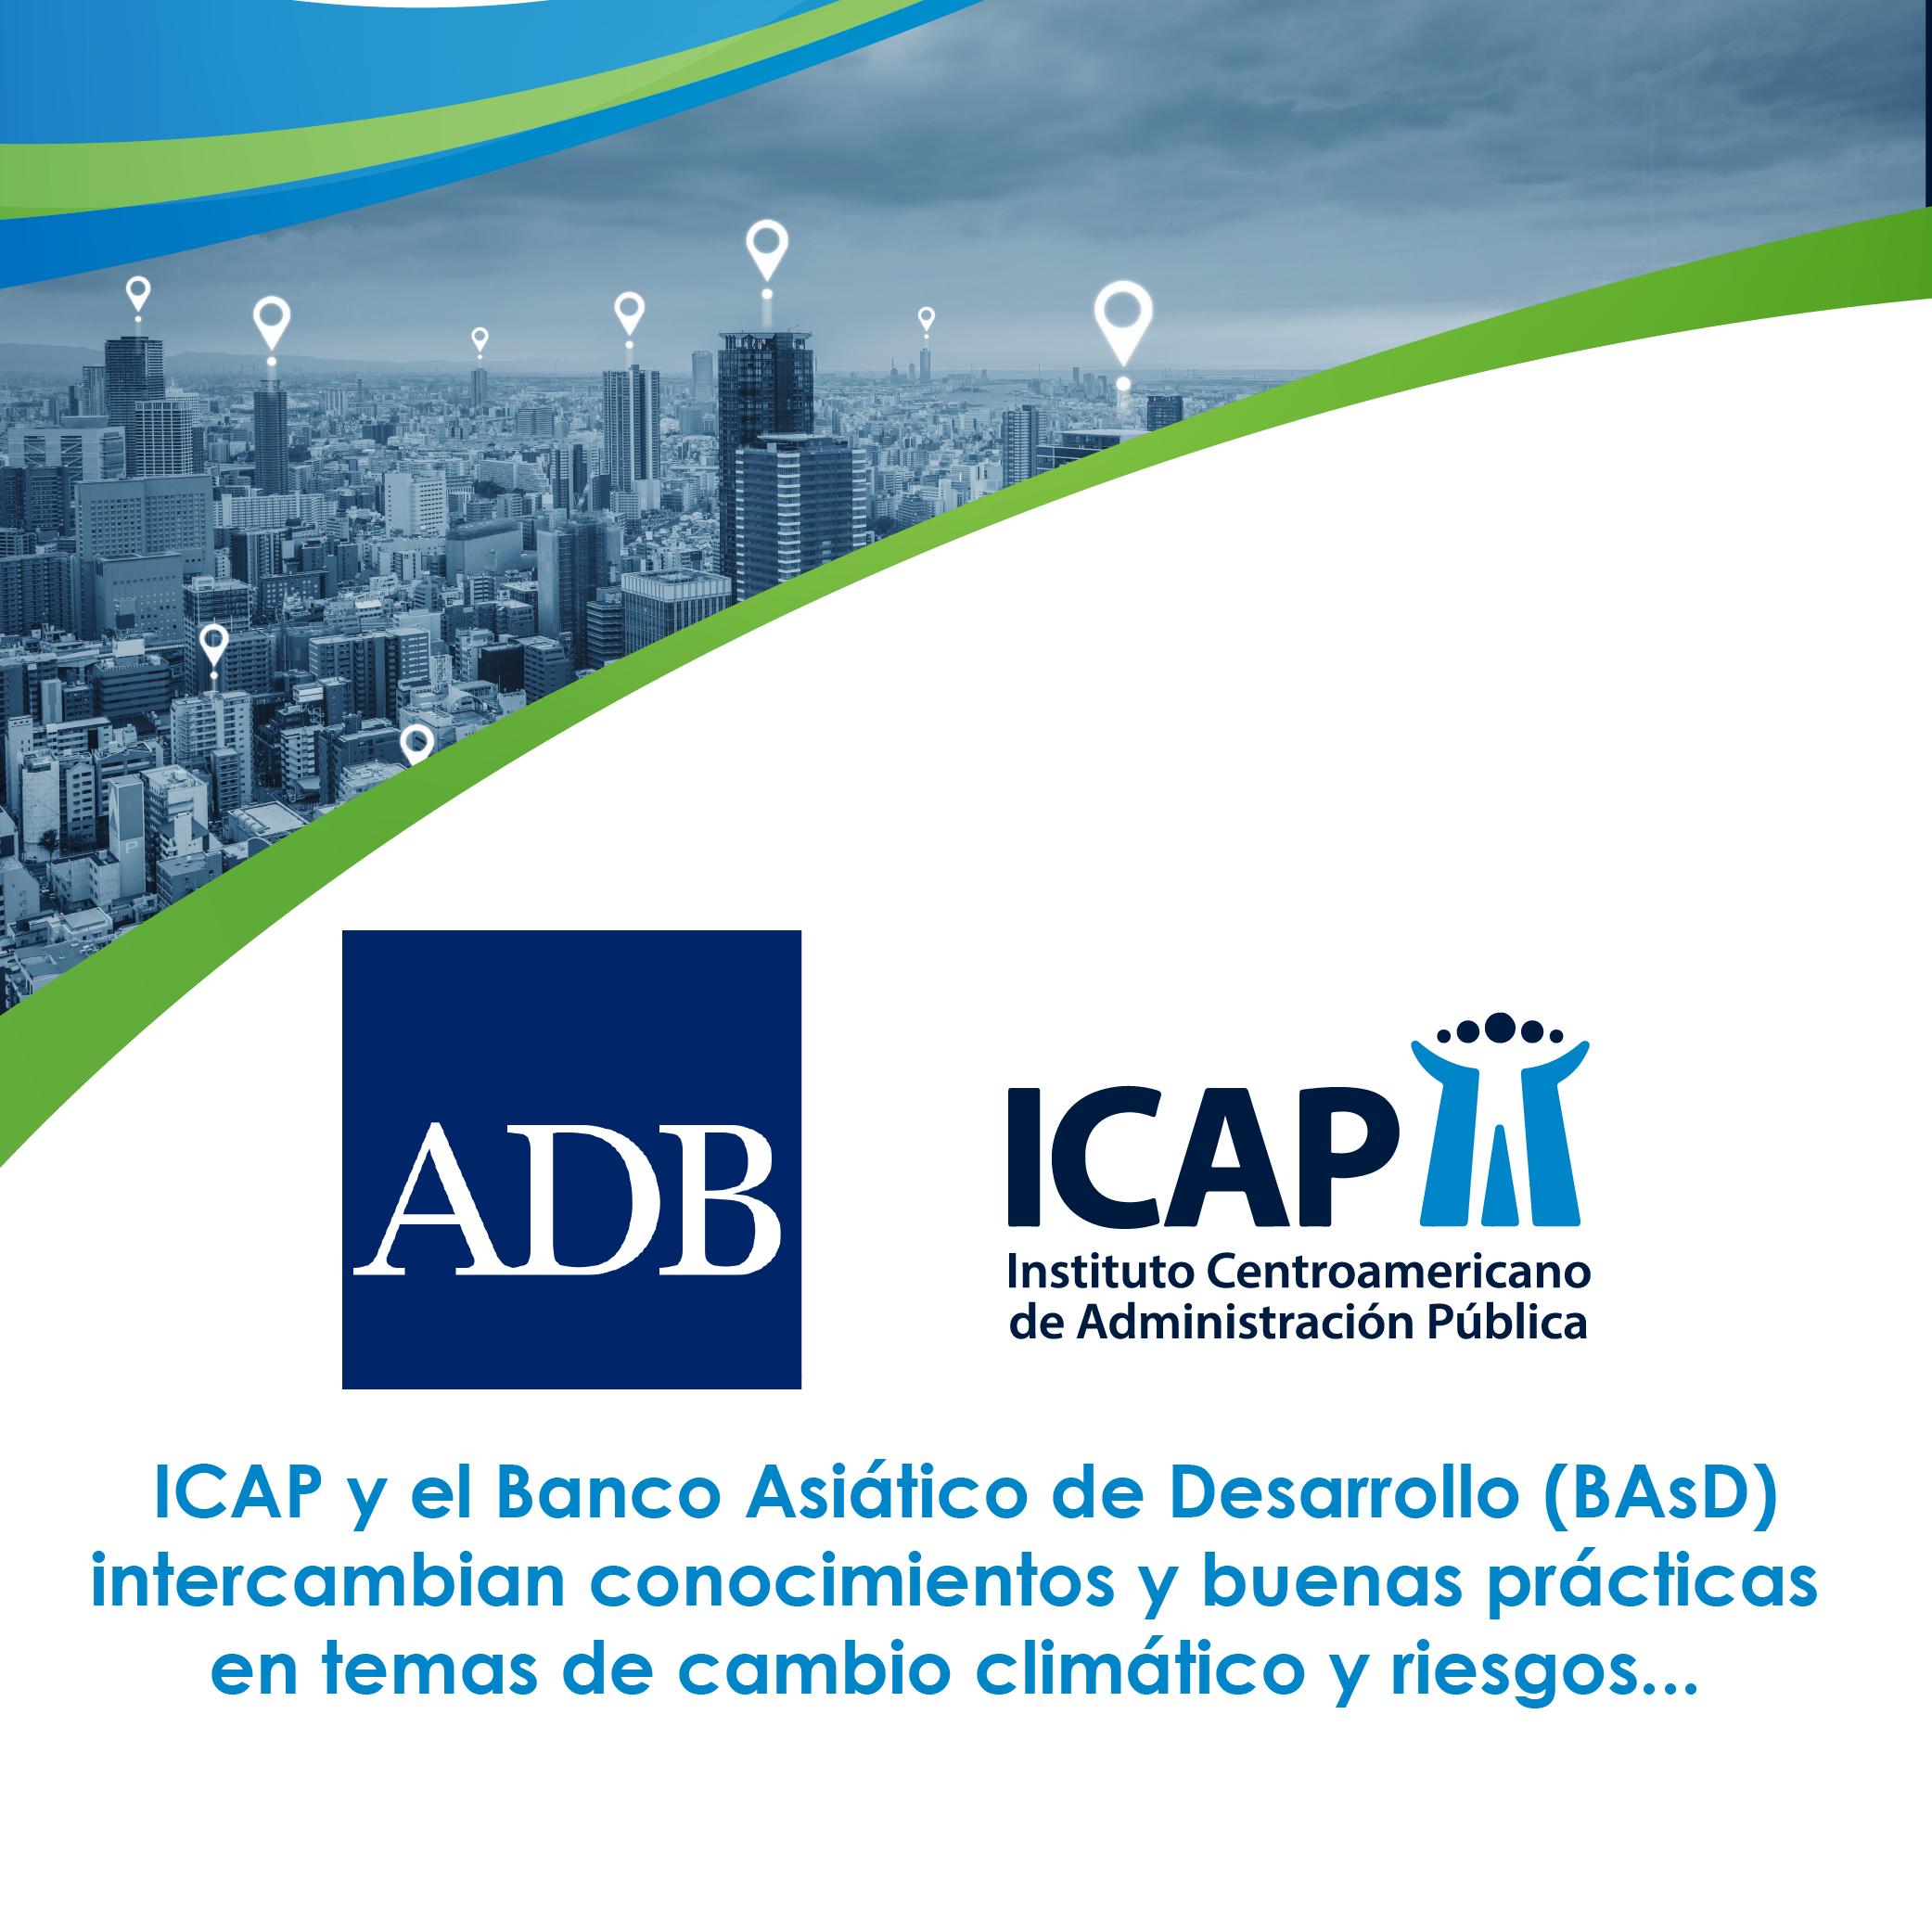 ICAP se reunió con el Banco Asiático de Desarrollo (BAsD)